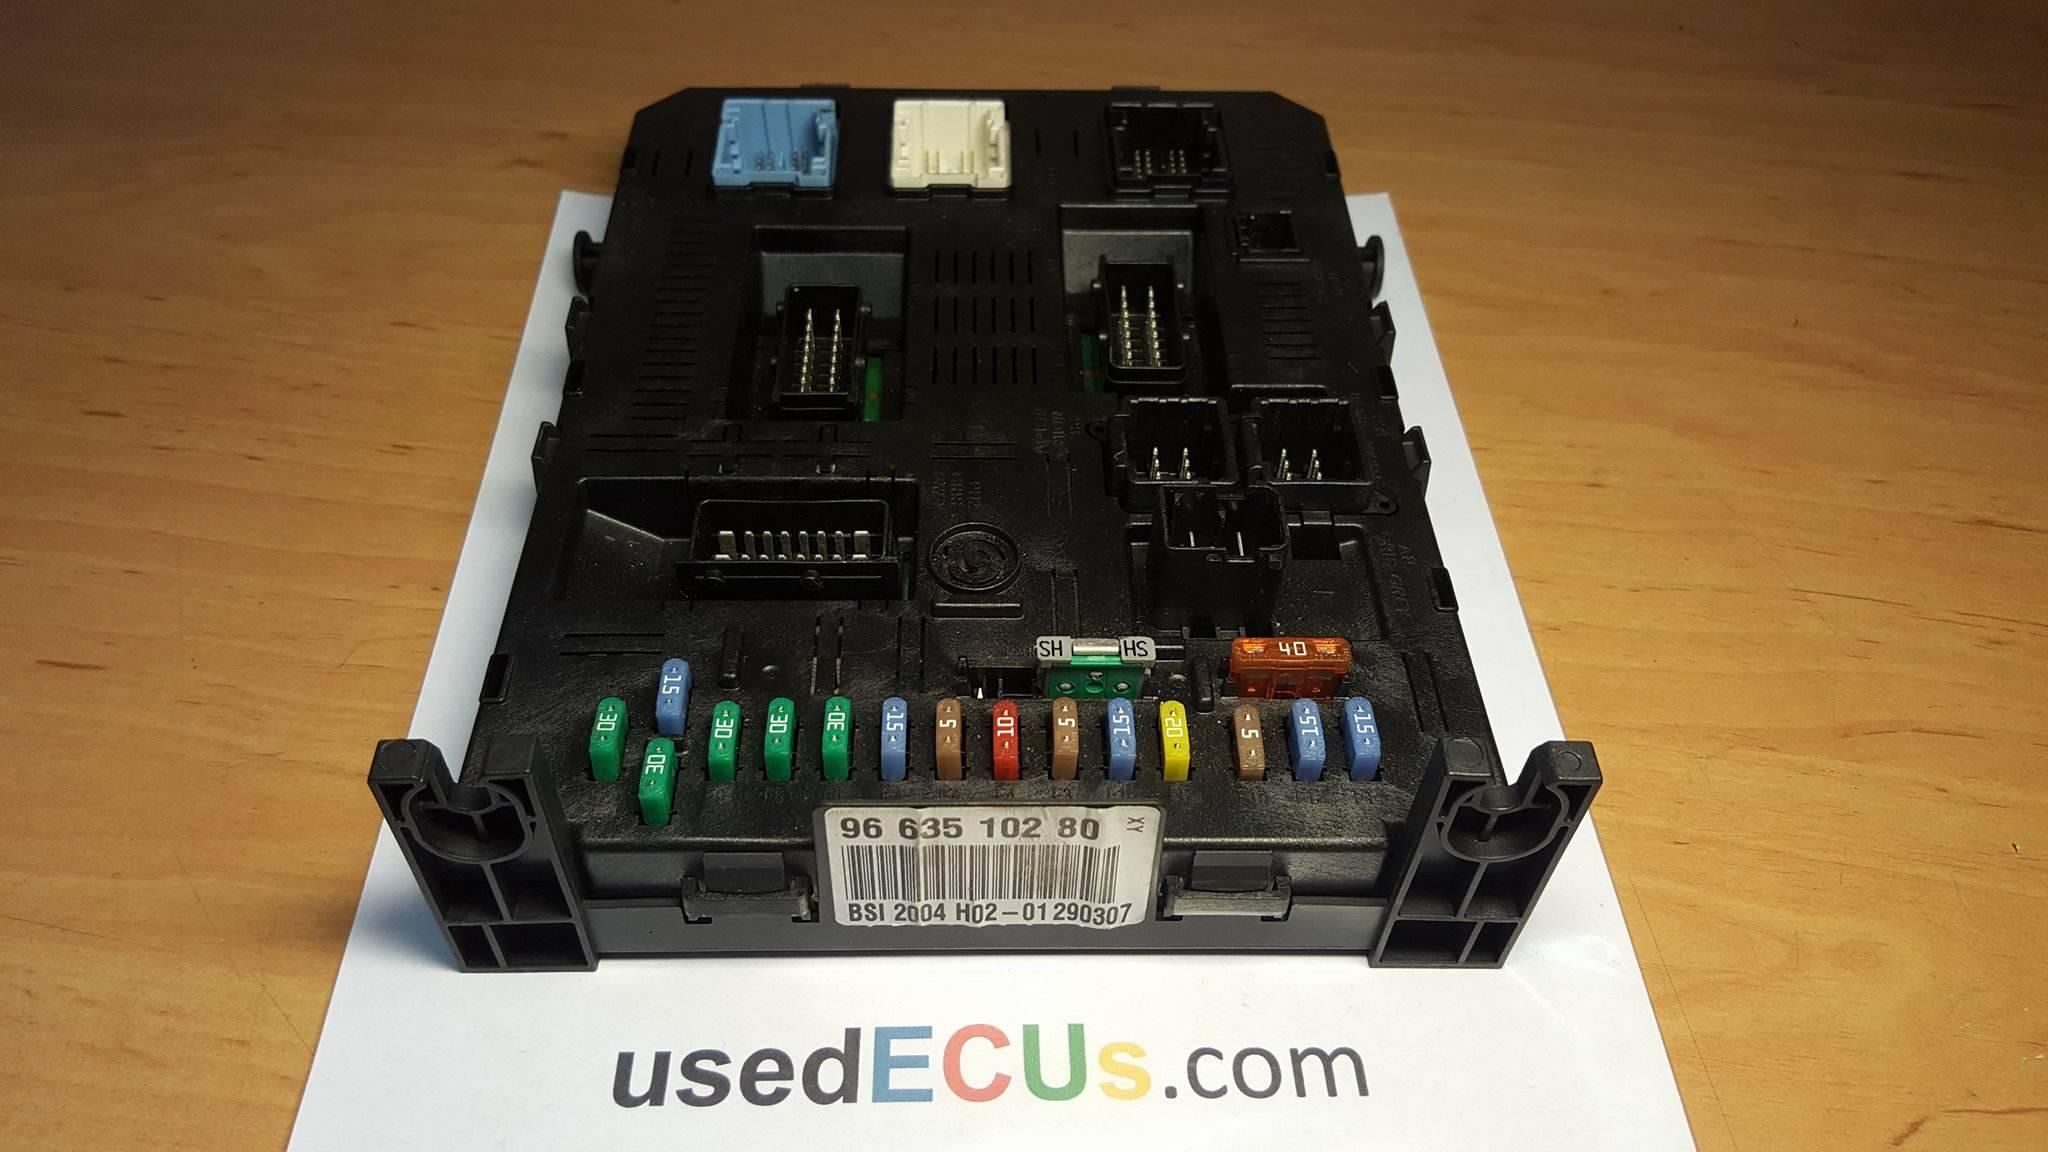 peugeot 307 bsi fuse box module, 21676031-5b 28119736- 3a vo2-00,  9663510280 - usedecus.com  catalog - usedecus.com